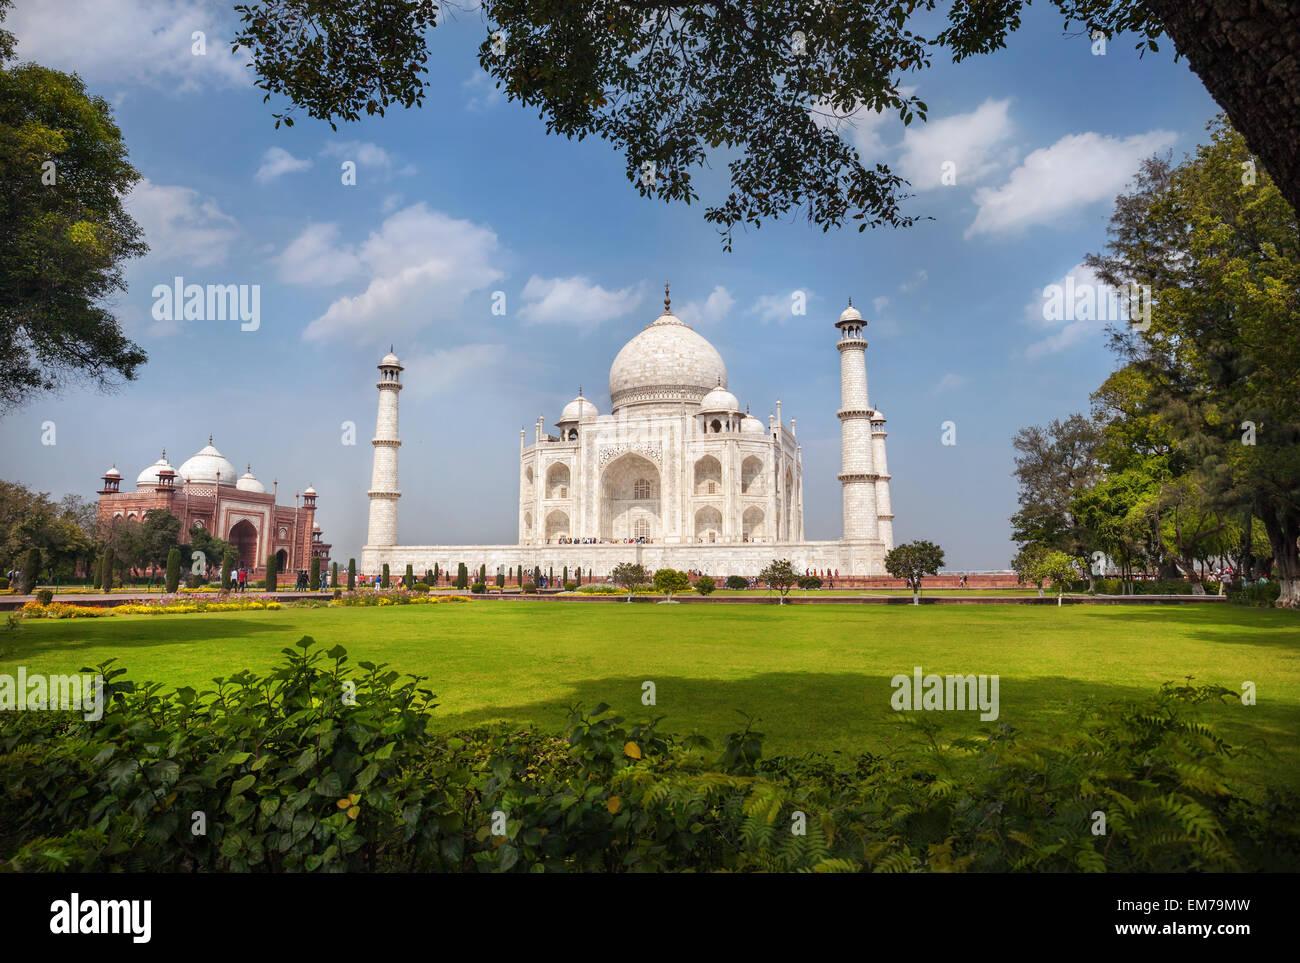 Taj Mahal Grab und grünen Rasen am blauen Wolkenhimmel in Agra, Uttar Pradesh, Indien Stockbild